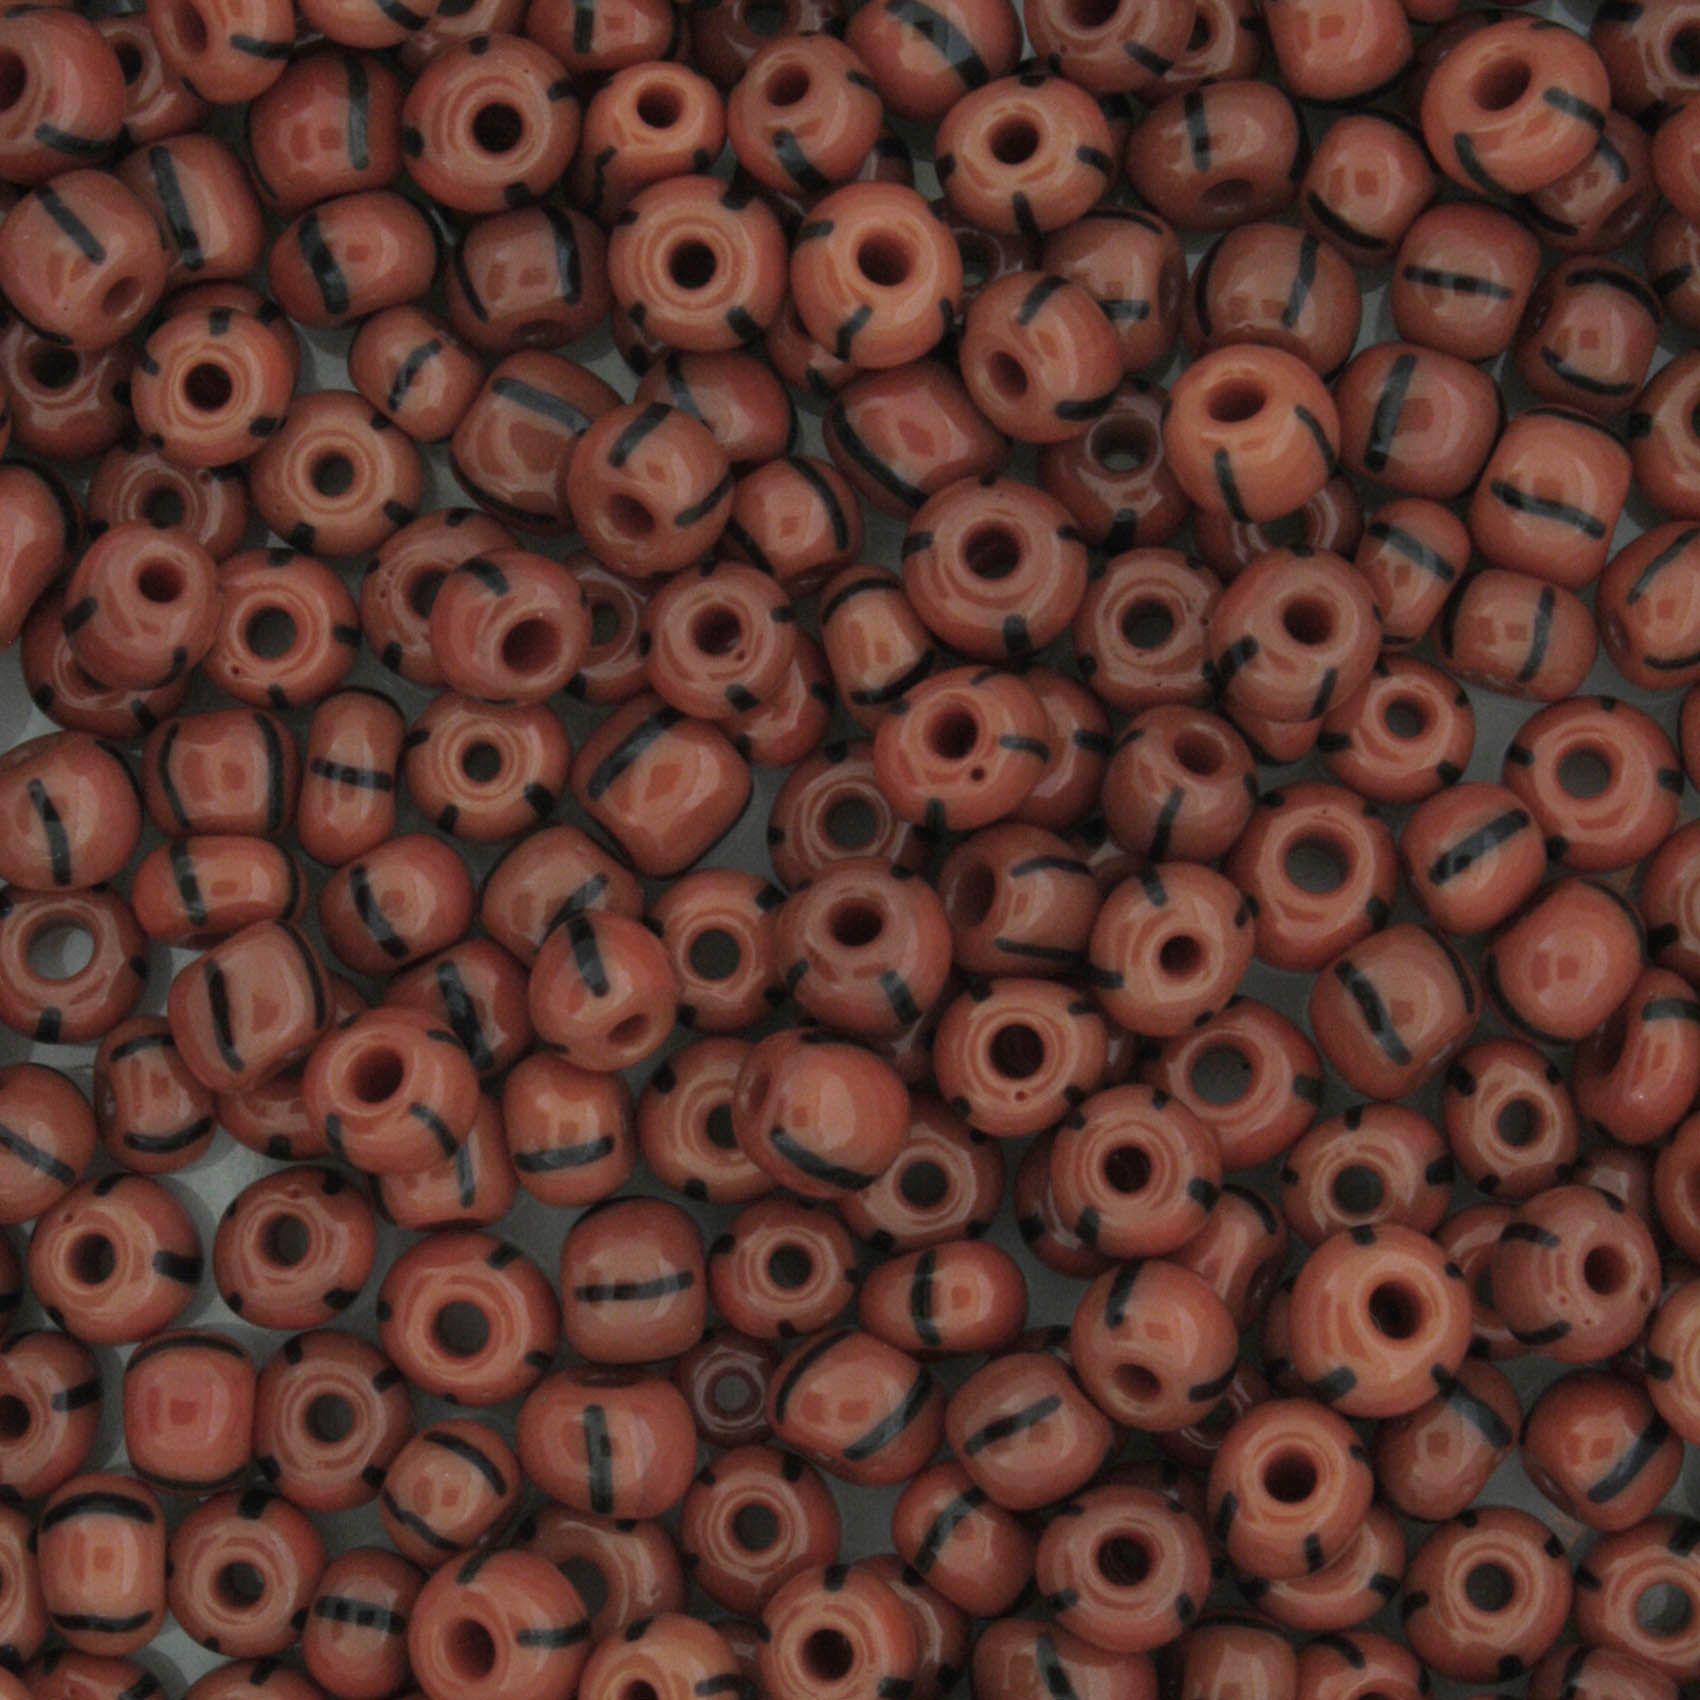 Miçanga 6/0 - 4.0x3.0mm - Vermelha e Preta  - Universo Religioso® - Artigos de Umbanda e Candomblé